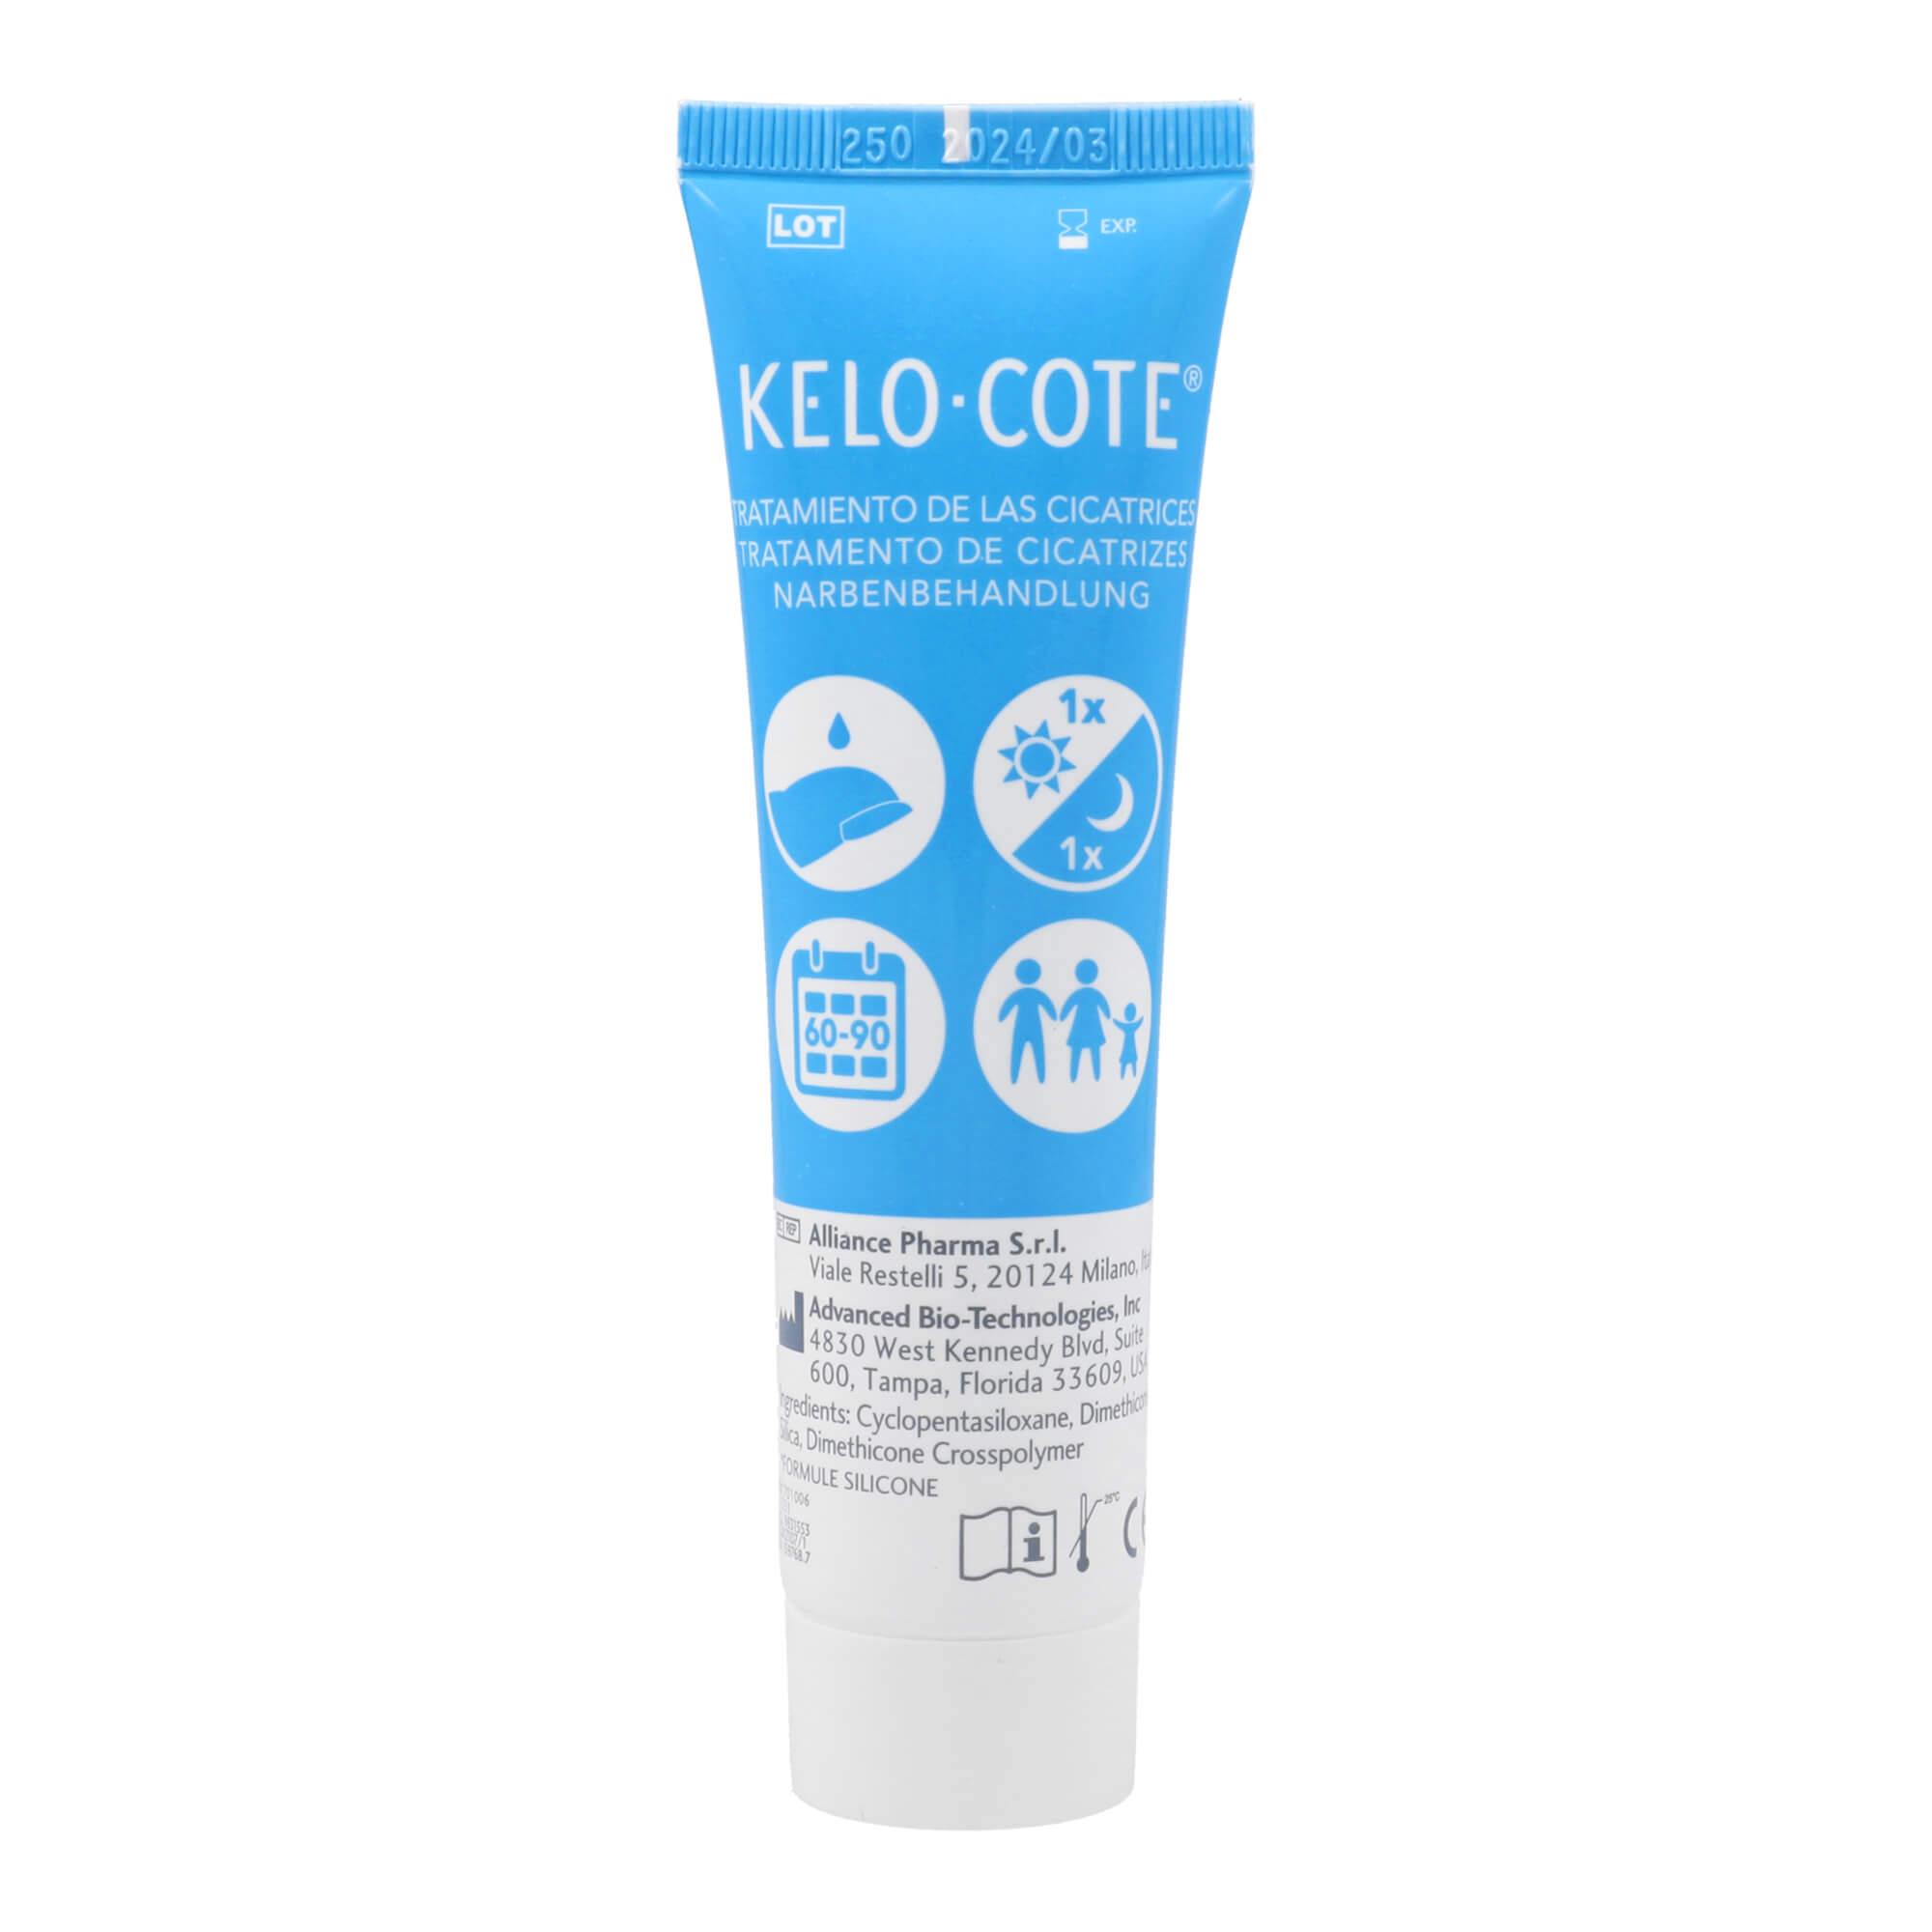 Kelo-Cote Silkon-Gel zur Behandlung von Narben